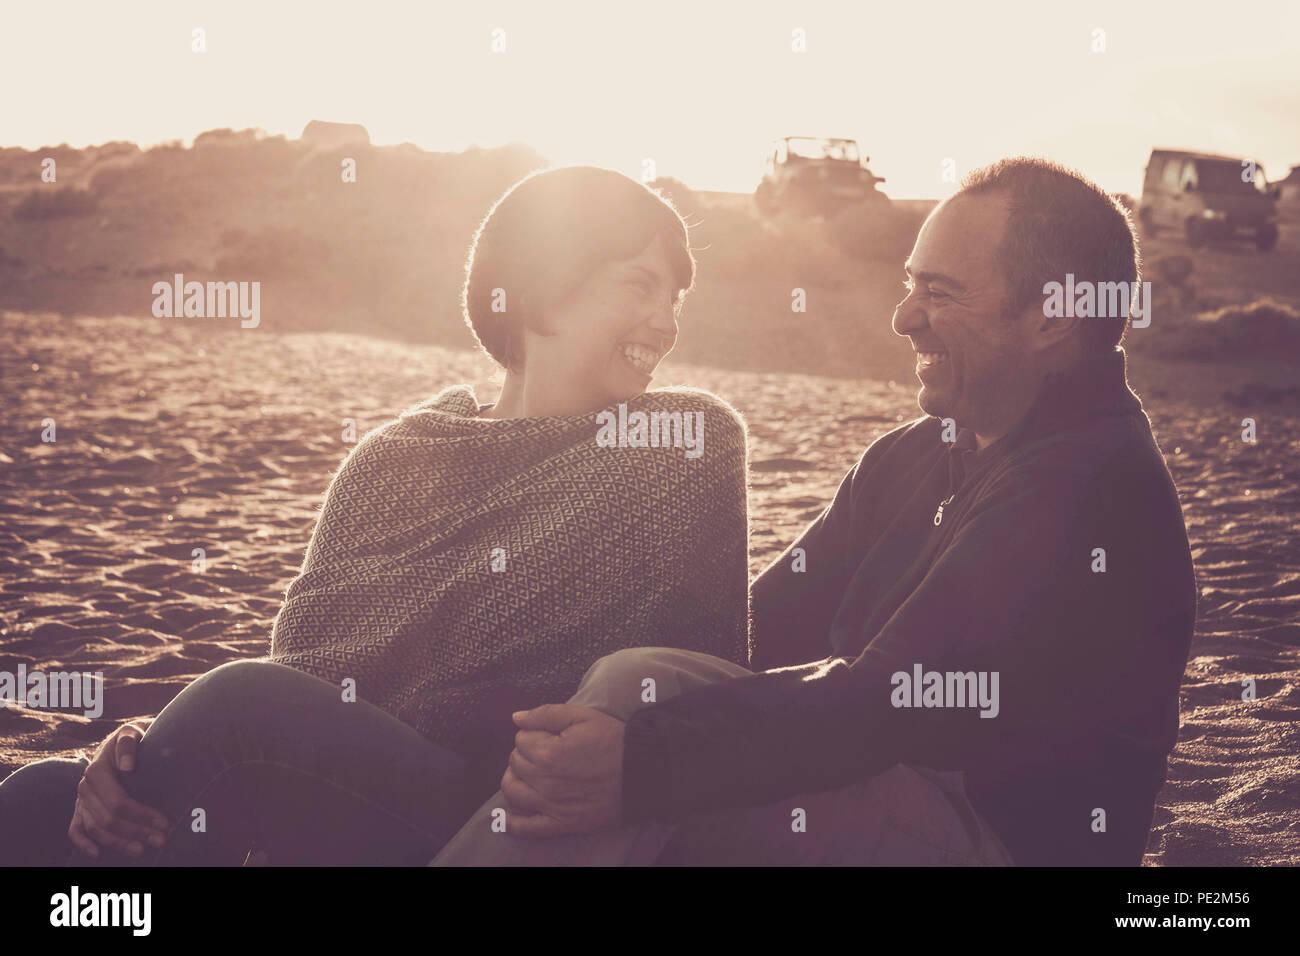 Preciosas La edad media de 40 años de edad par hombre y mujer caucásica se abrazaron y permanecer juntos en la playa, sentado en la arena y disfrutar de un golde un Foto de stock